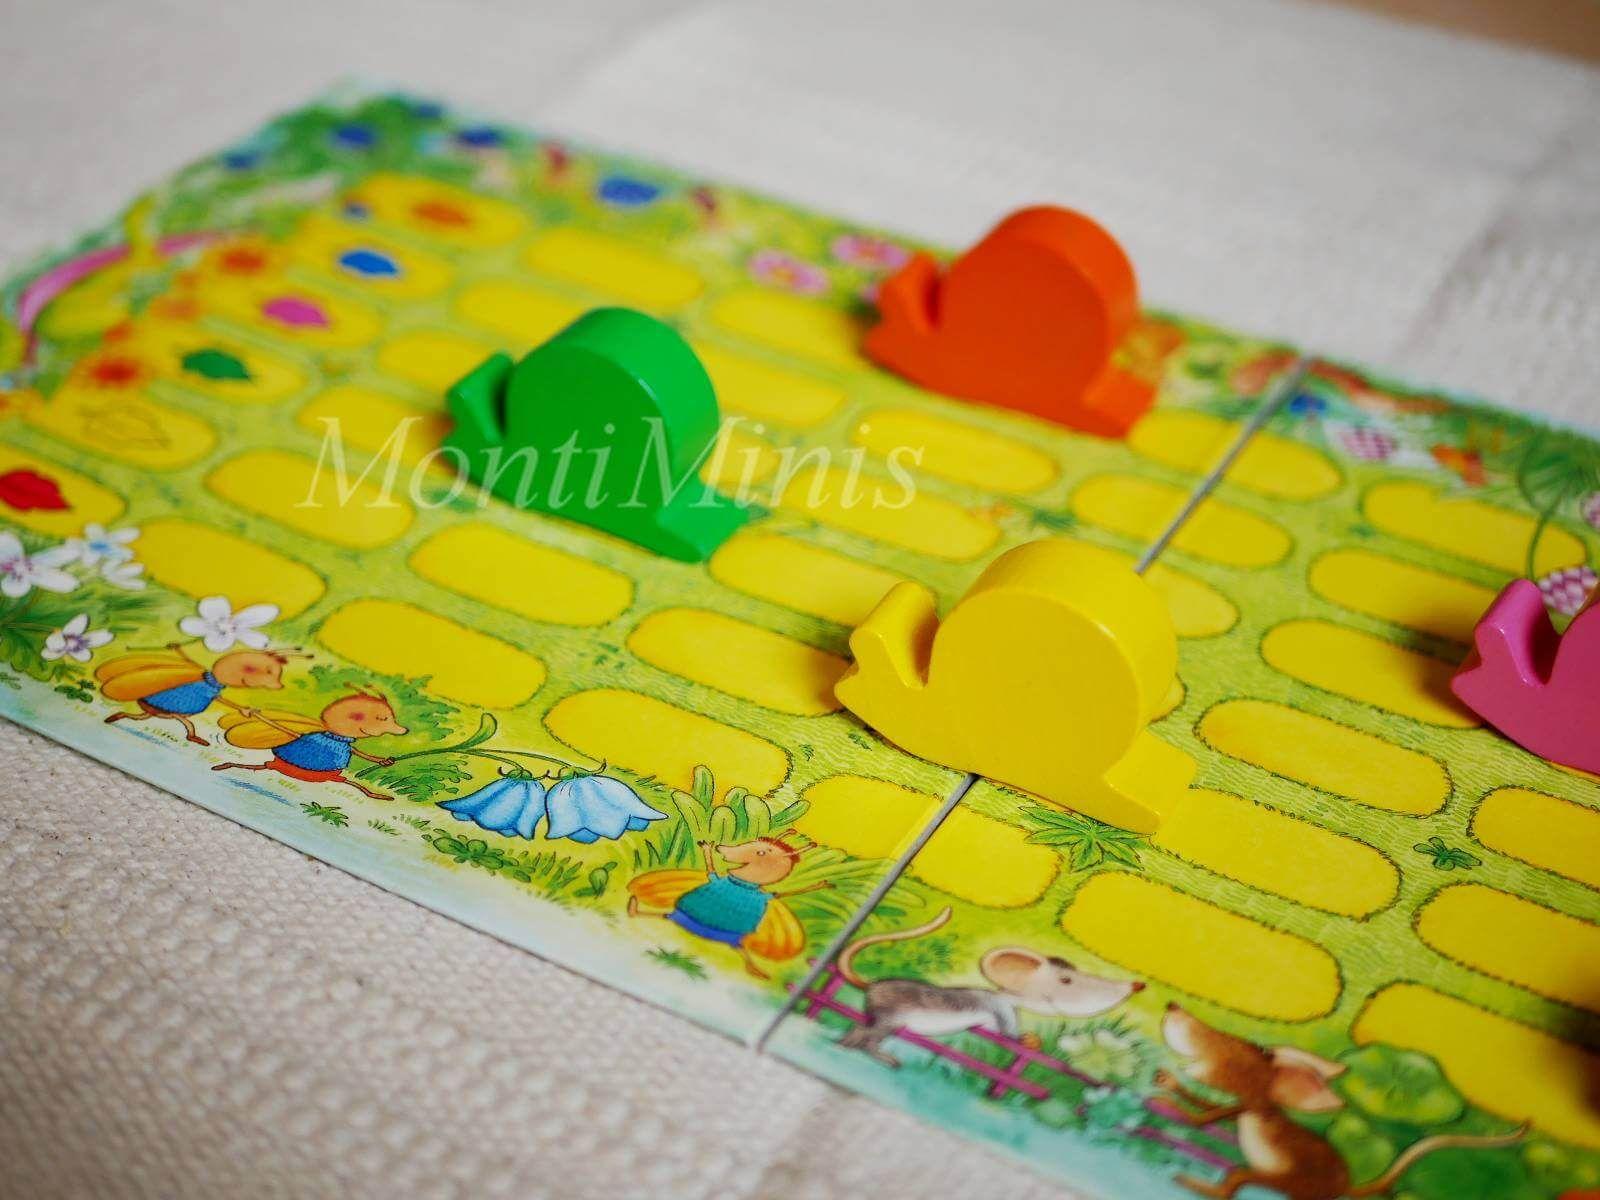 Kooperative Spiele für Kinder – wir spielen gemeinsam als Team